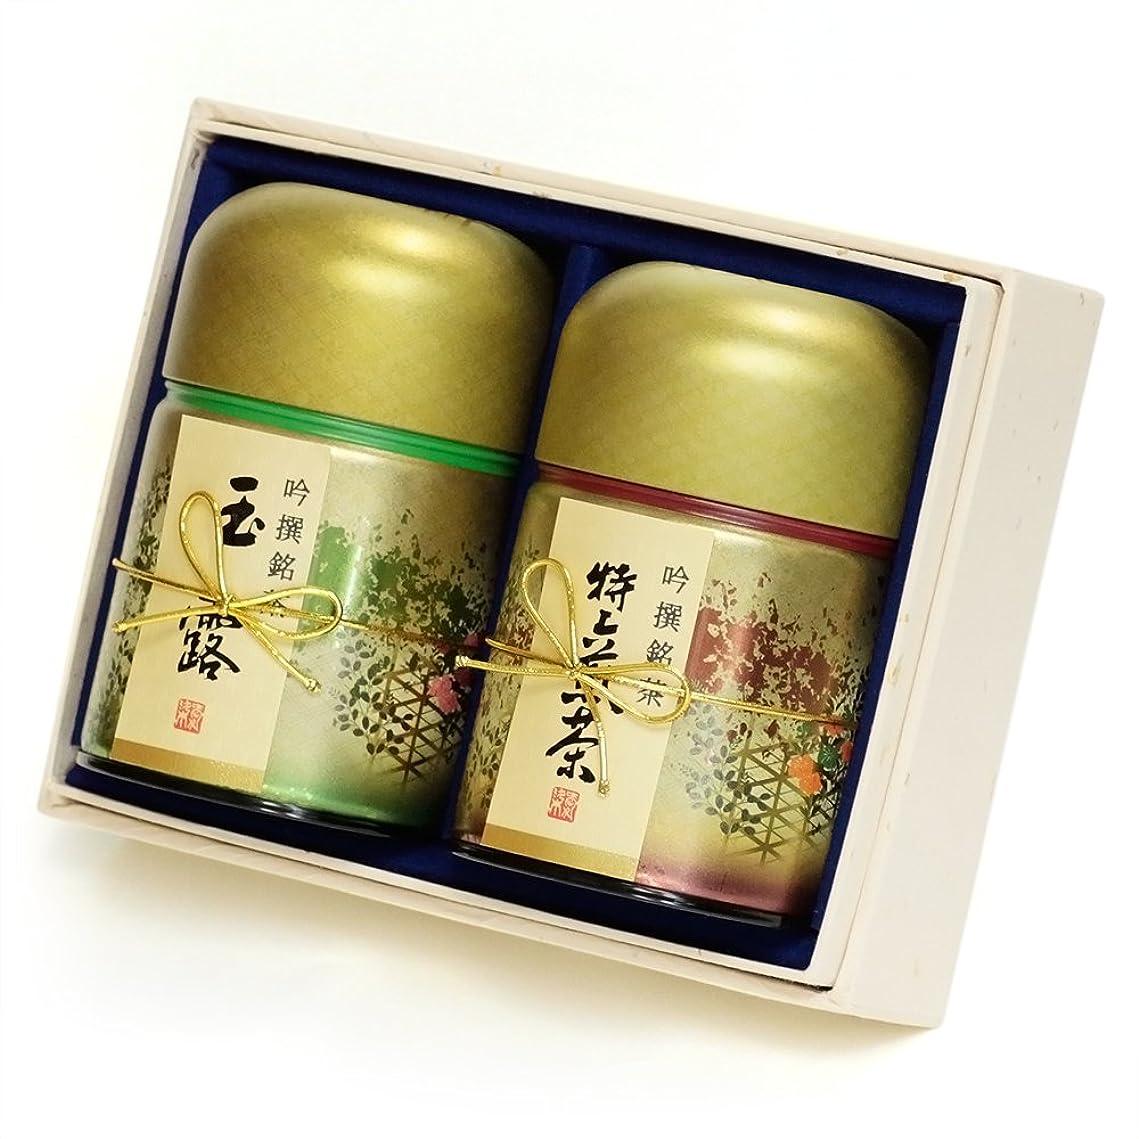 京都利休園 お茶 玉露?特上煎茶詰合せ 玉露100g 特上煎茶100g 敬老の日 お茶 ギフト 国産 茶葉 NISHIKI-40